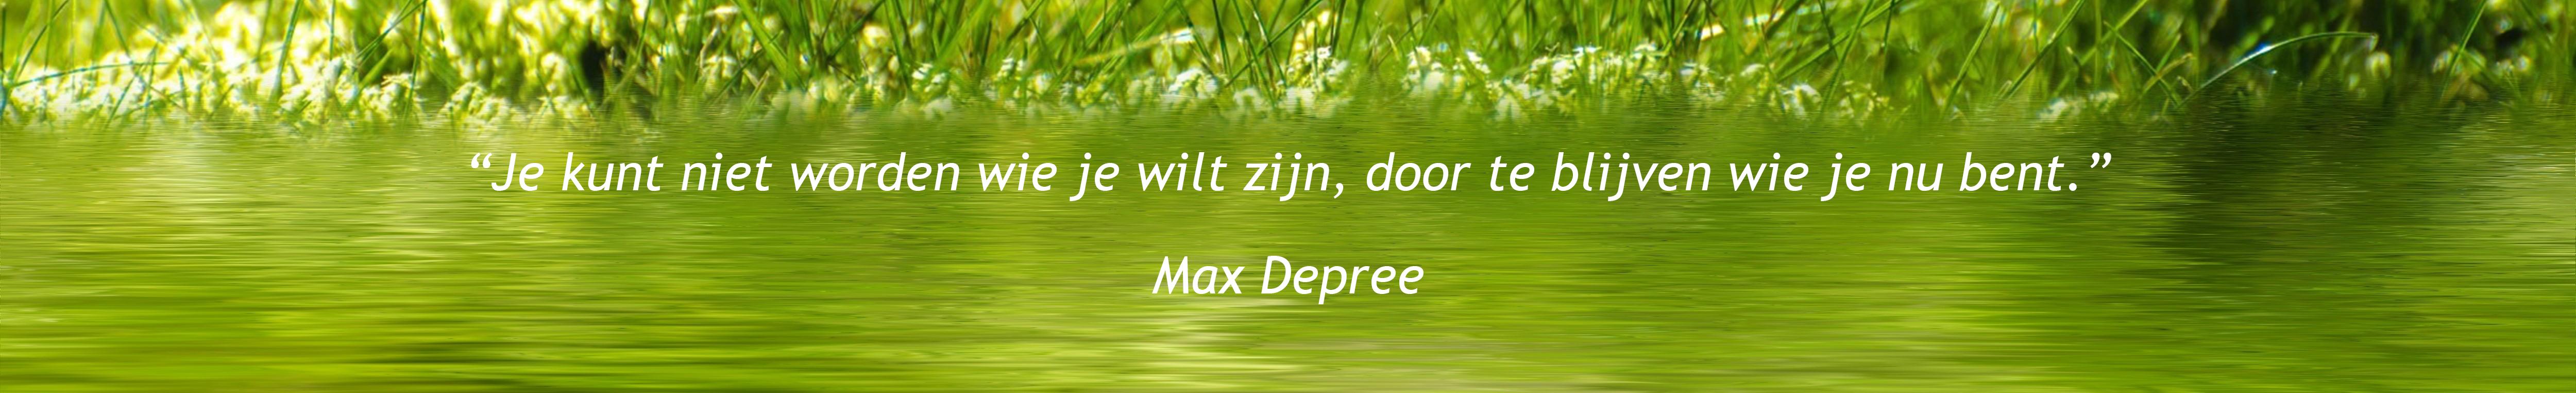 """""""Je kunt niet worden wie je wilt zijn, door te blijven wie je nu bent."""" Max Depree"""